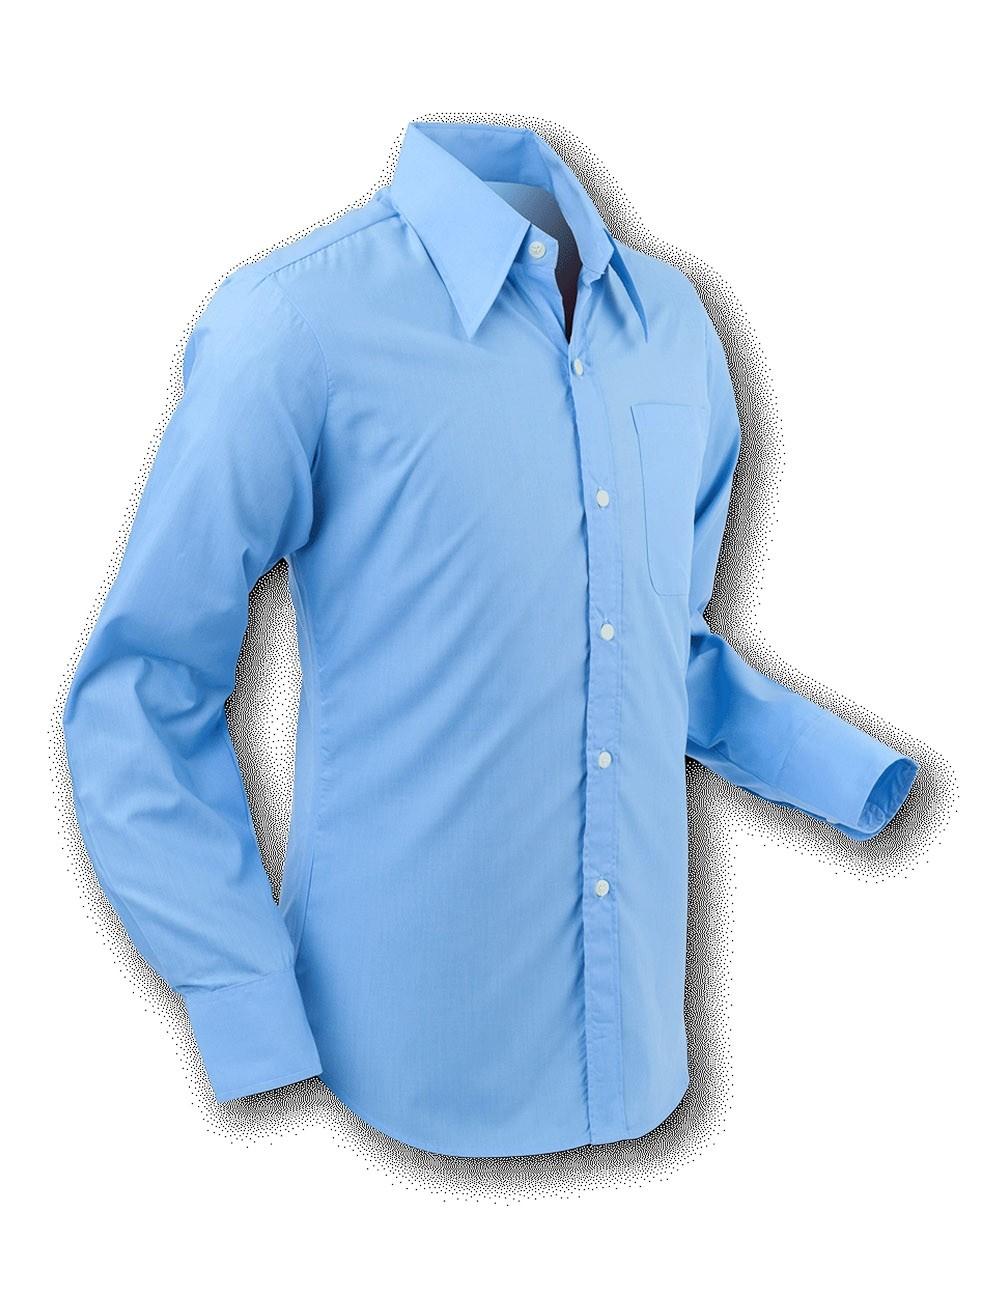 Chenaski | Overhemd 70s Basic Light-Blue